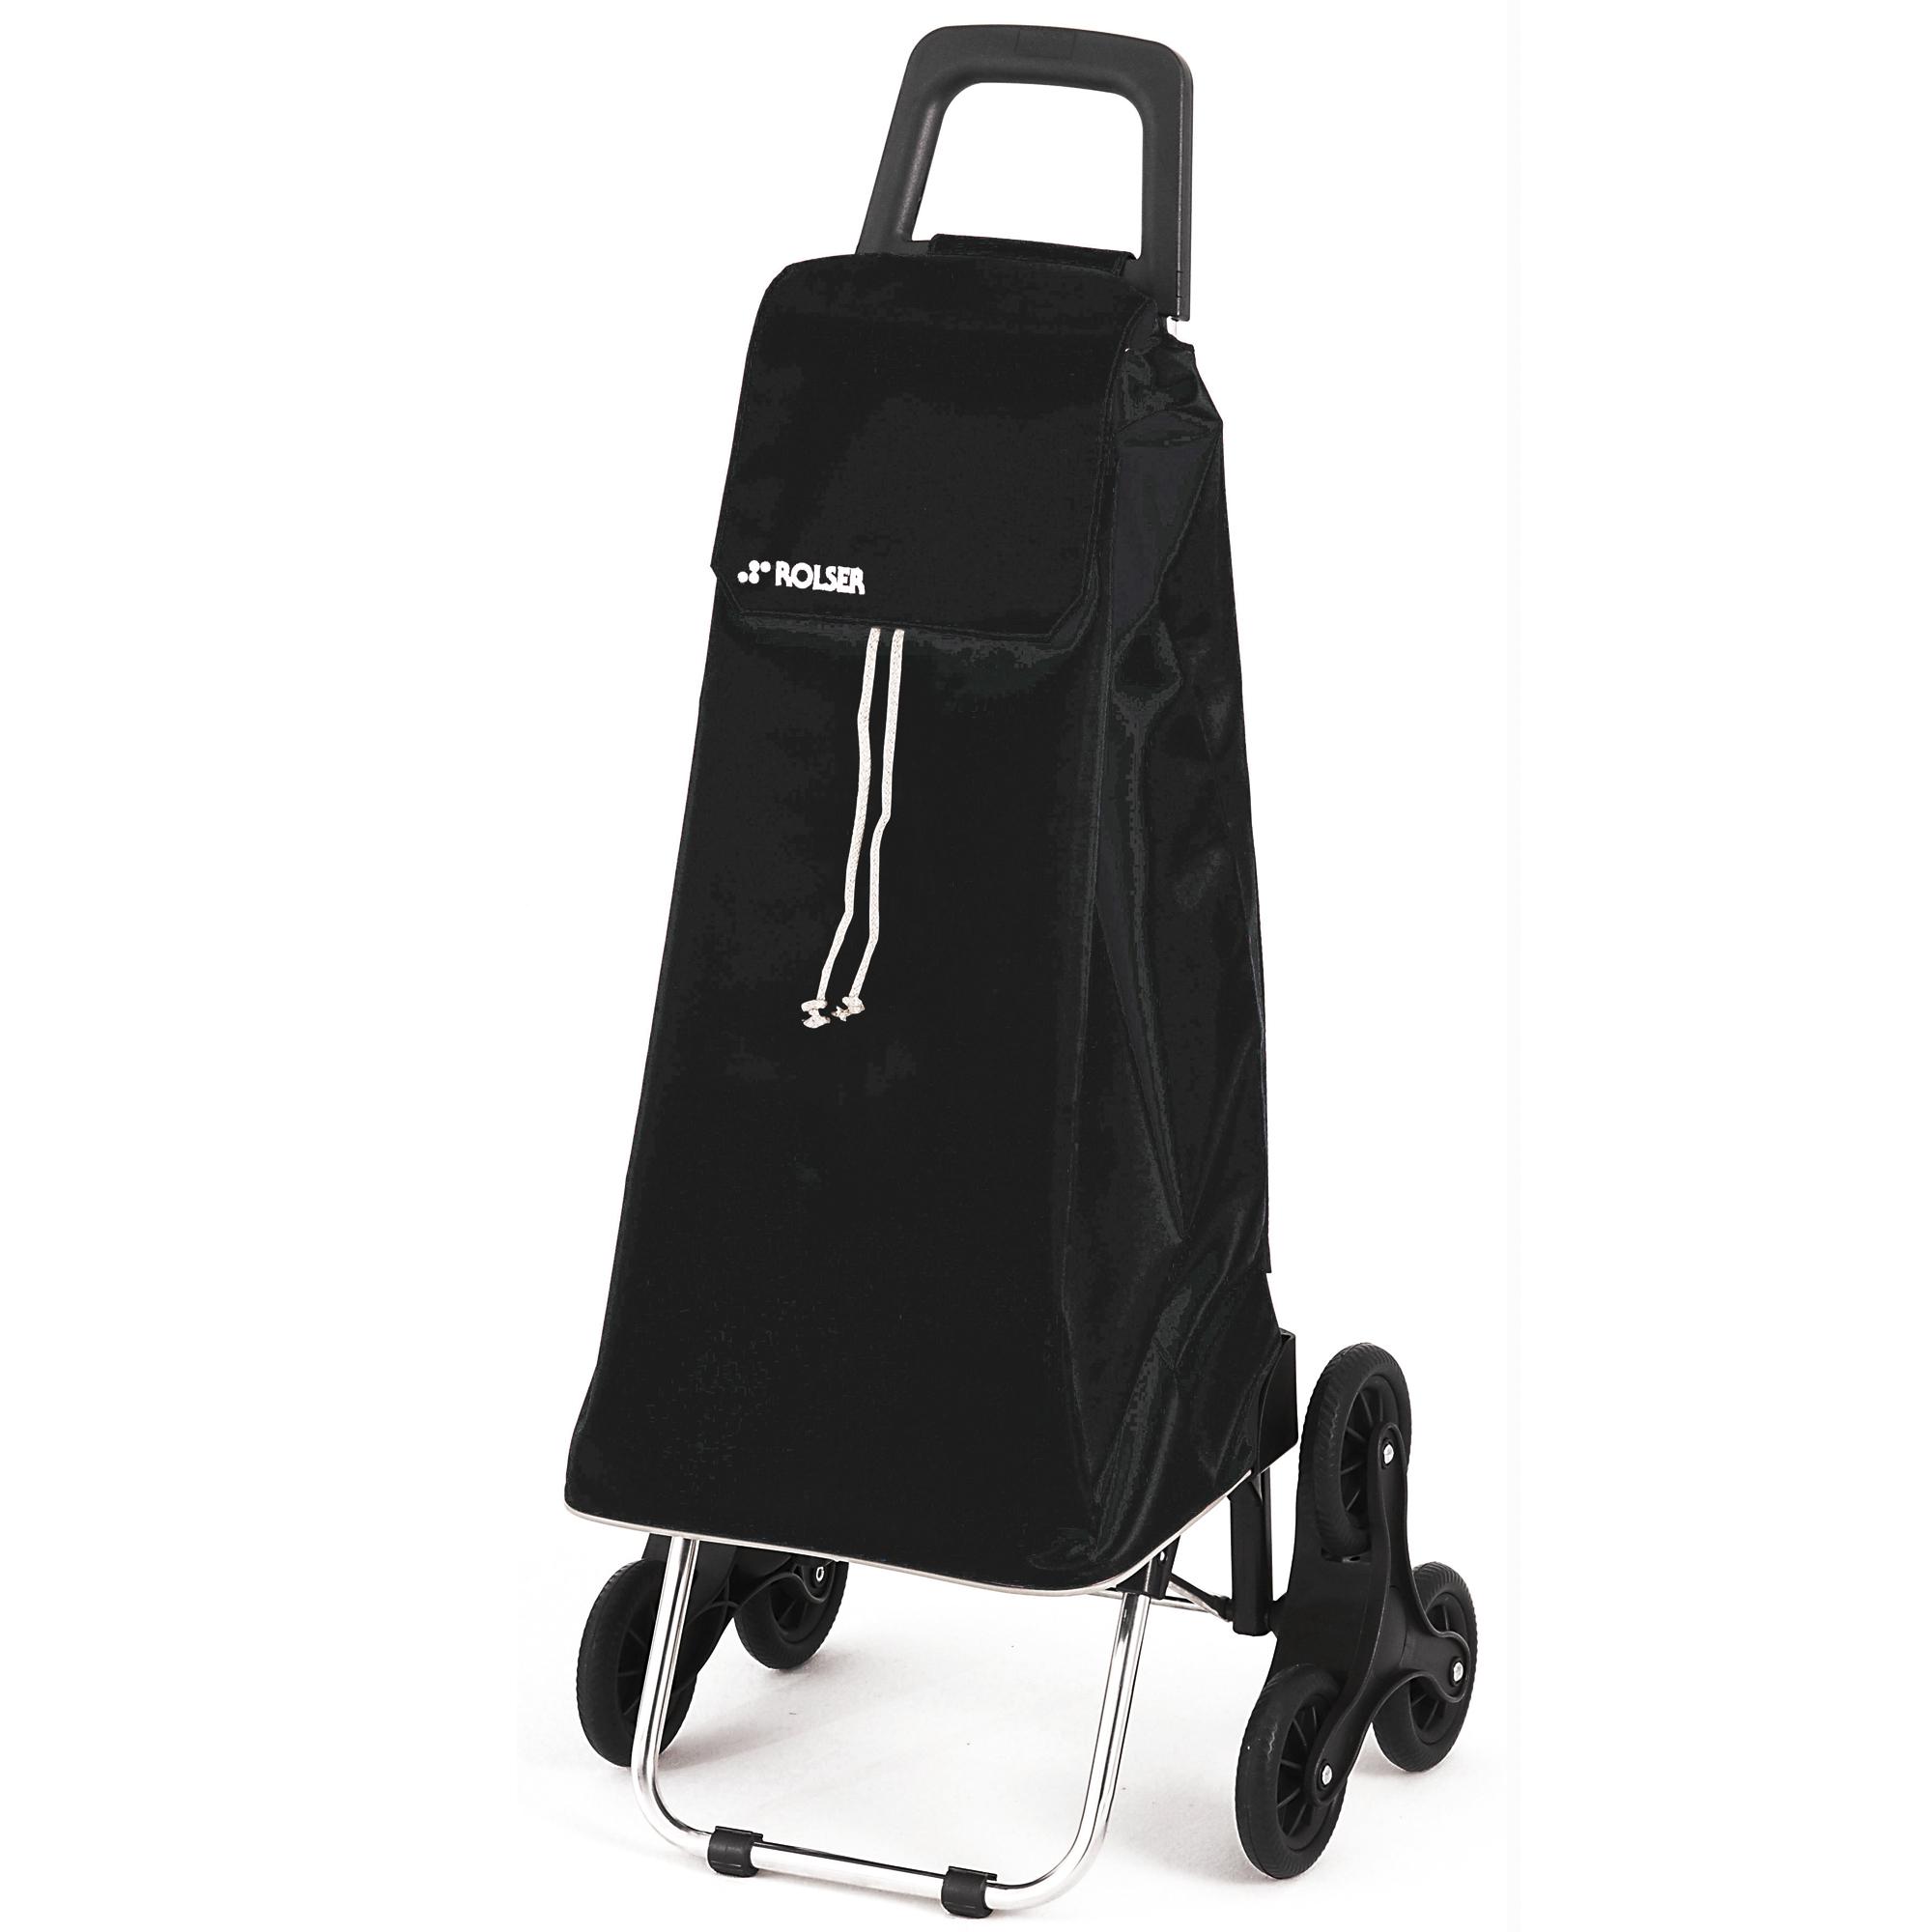 chariot de course 6 roues 59 l saquet rolser noir frais de traitement de commande offerts. Black Bedroom Furniture Sets. Home Design Ideas